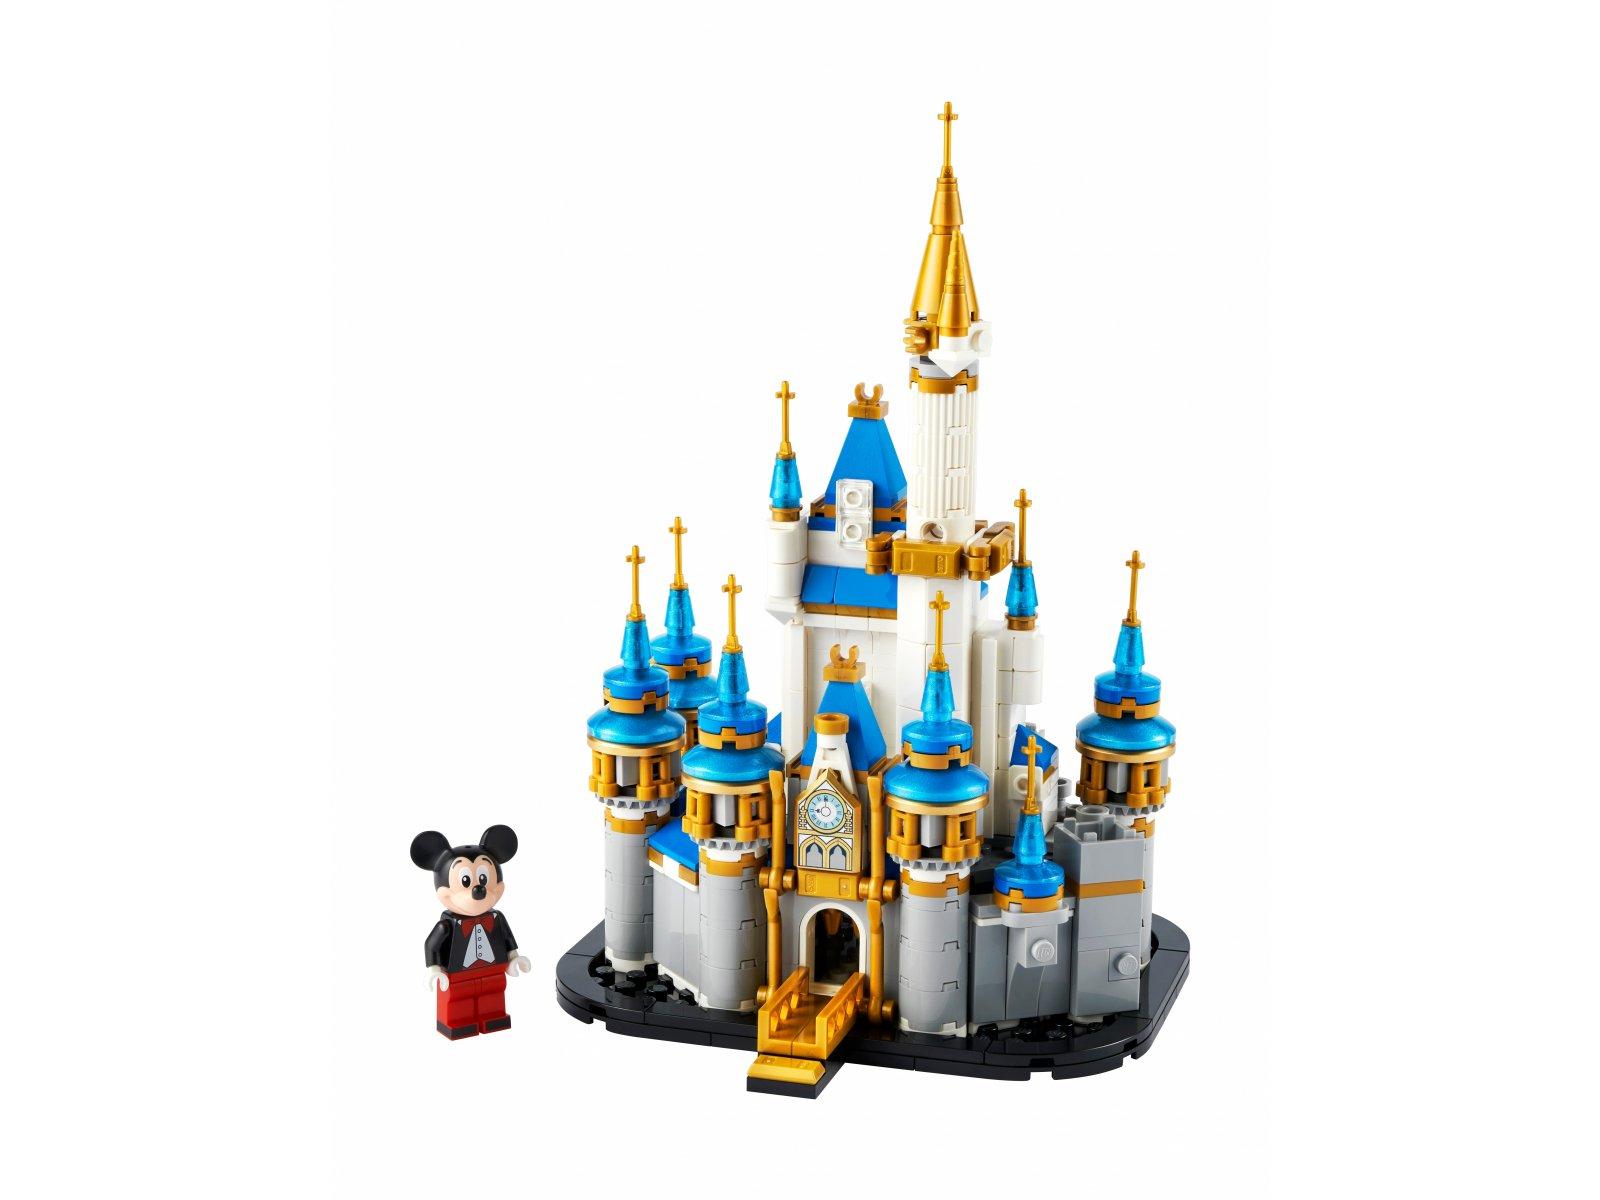 LEGO Disney 40478 Miniaturowy zamek Disneya